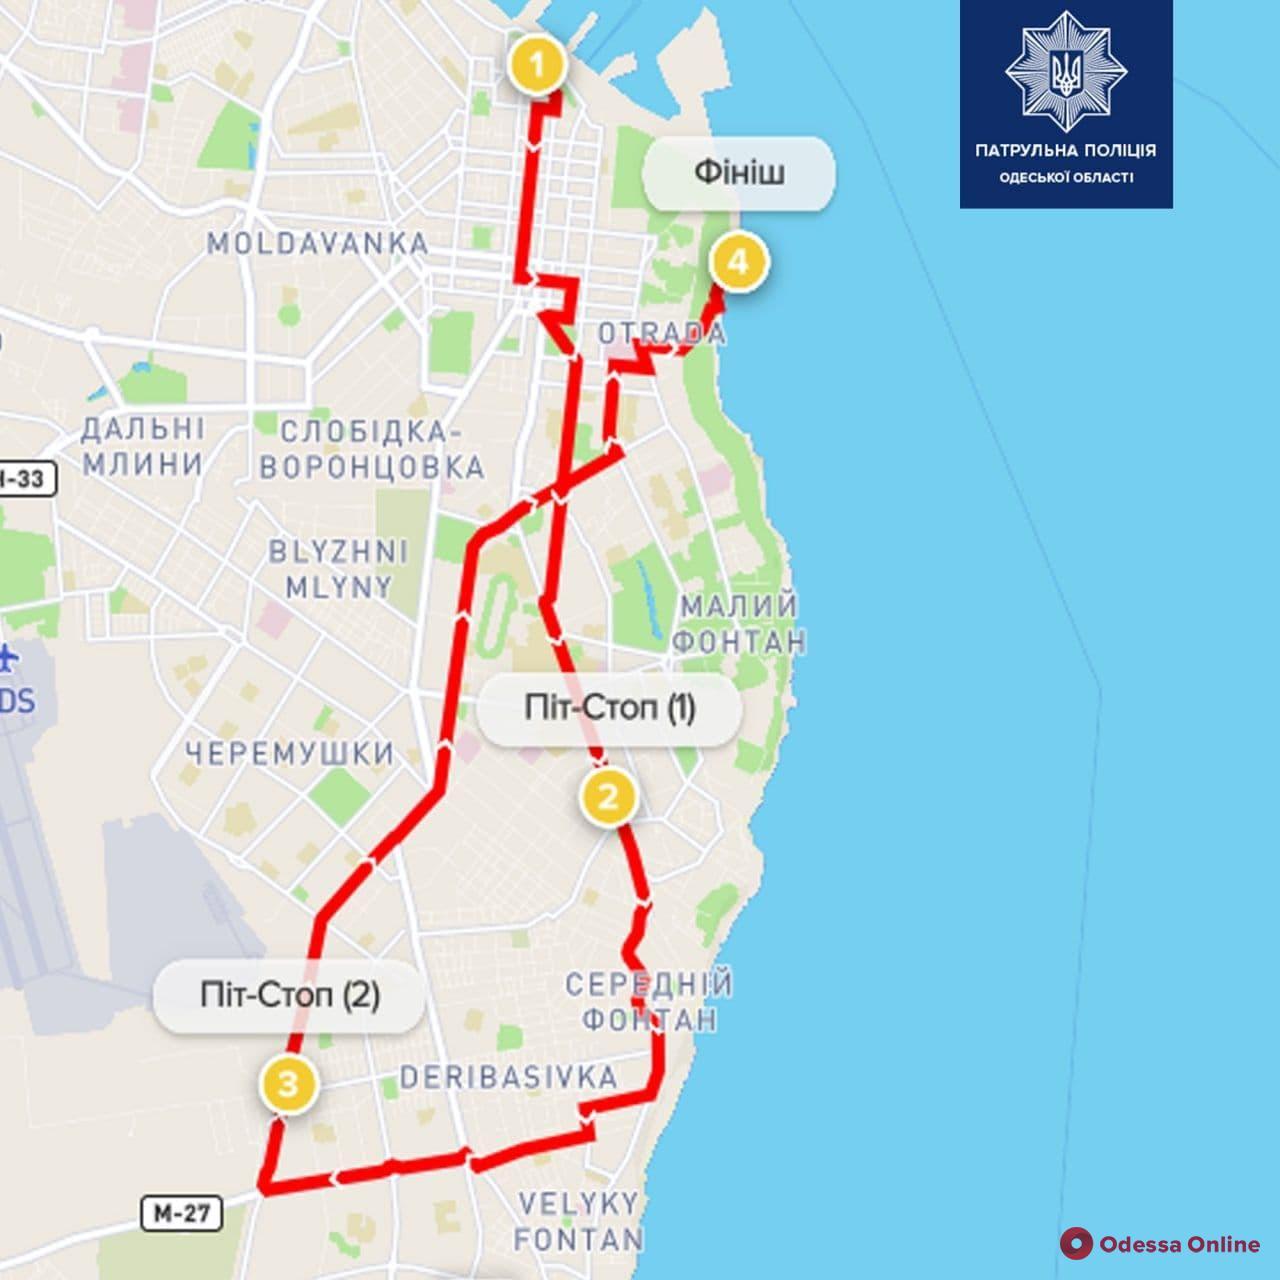 В воскресенье в центре Одессы пройдет велопробег